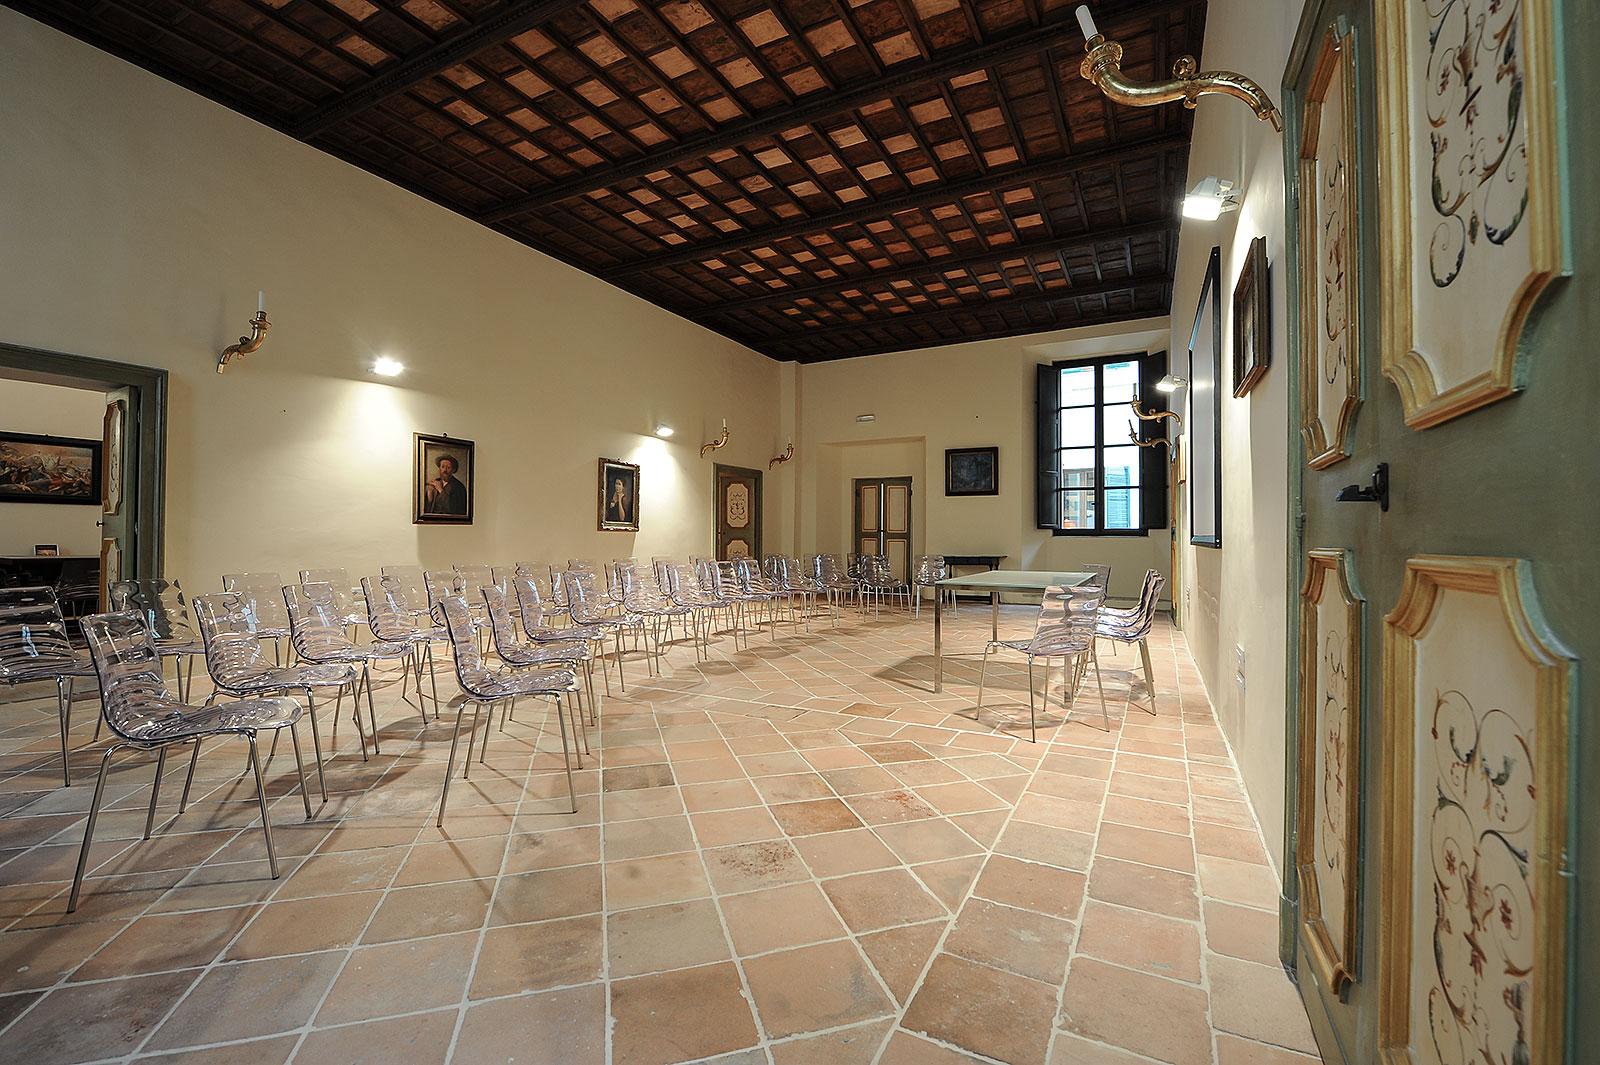 Sala polifunzionale in centro storico a Foligno